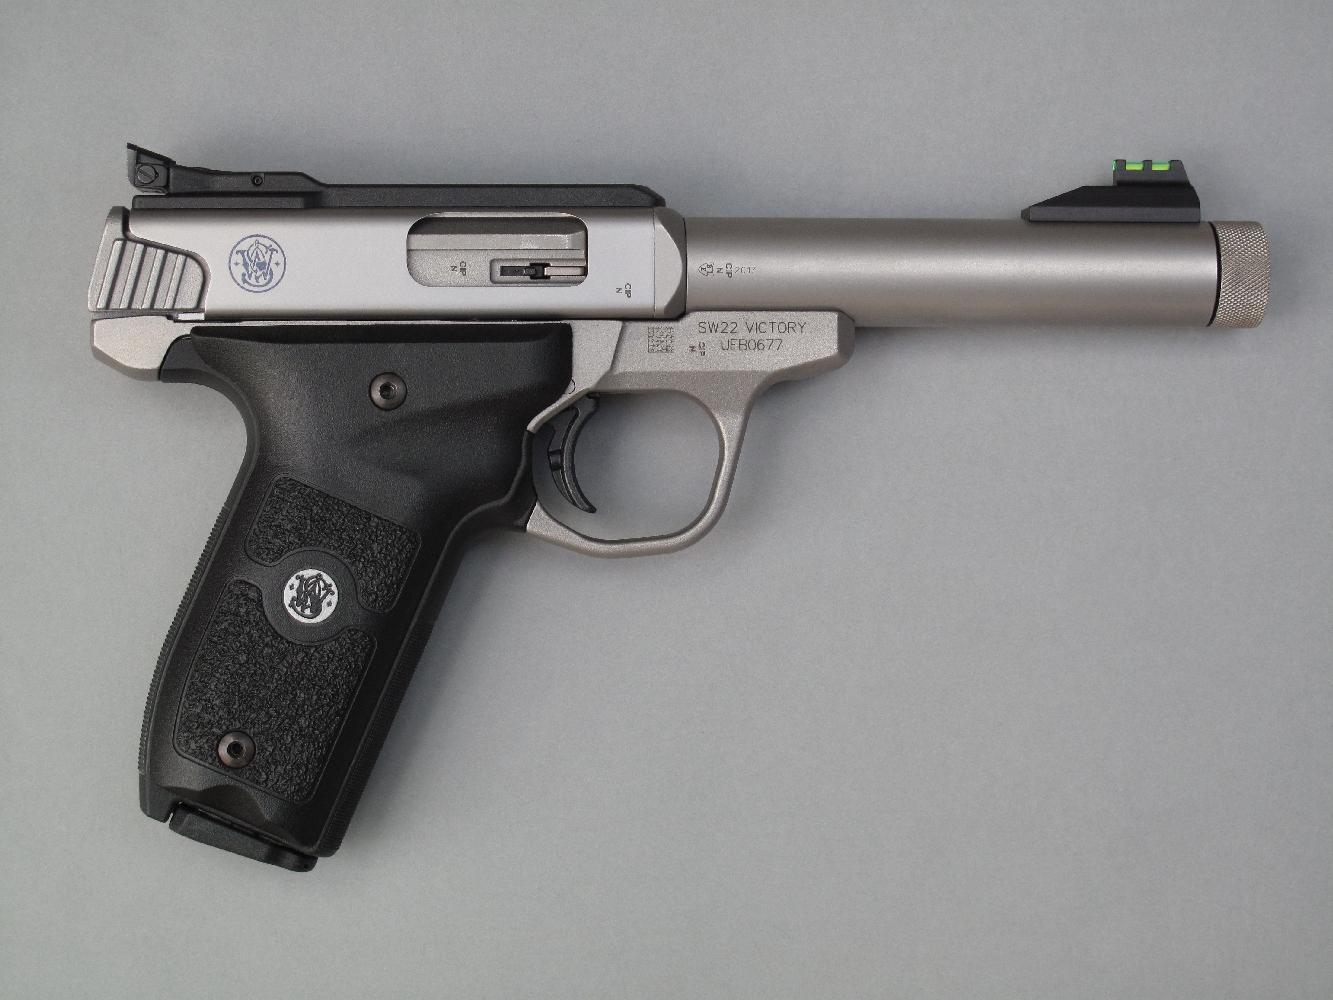 Ce pistolet semi-automatique, qui bénéficie d'une fabrication en acier inoxydable, est équipé d'origine d'éléments de visée dotés de fibres optiques et d'un canon fileté permettant la fixation d'un modérateur de son.